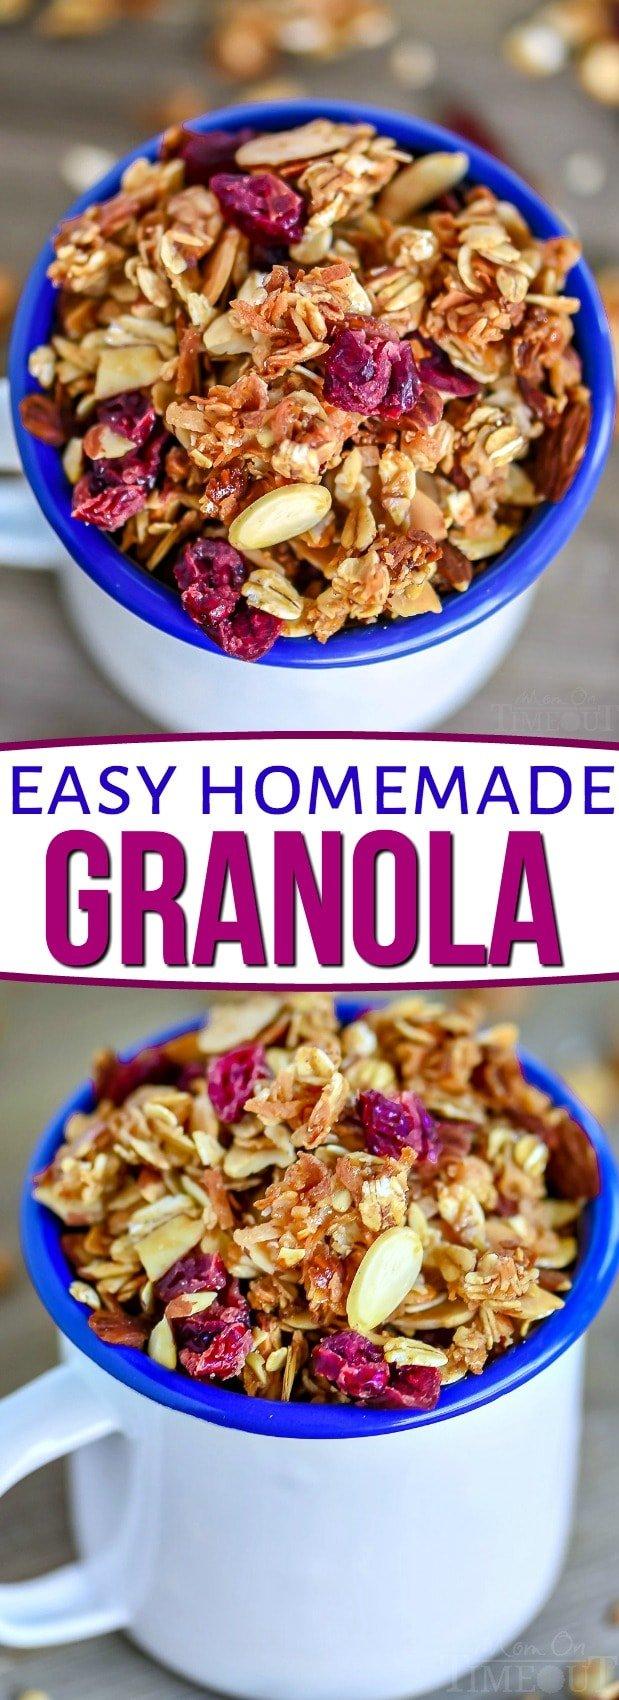 homemade-granola-recipe-collage